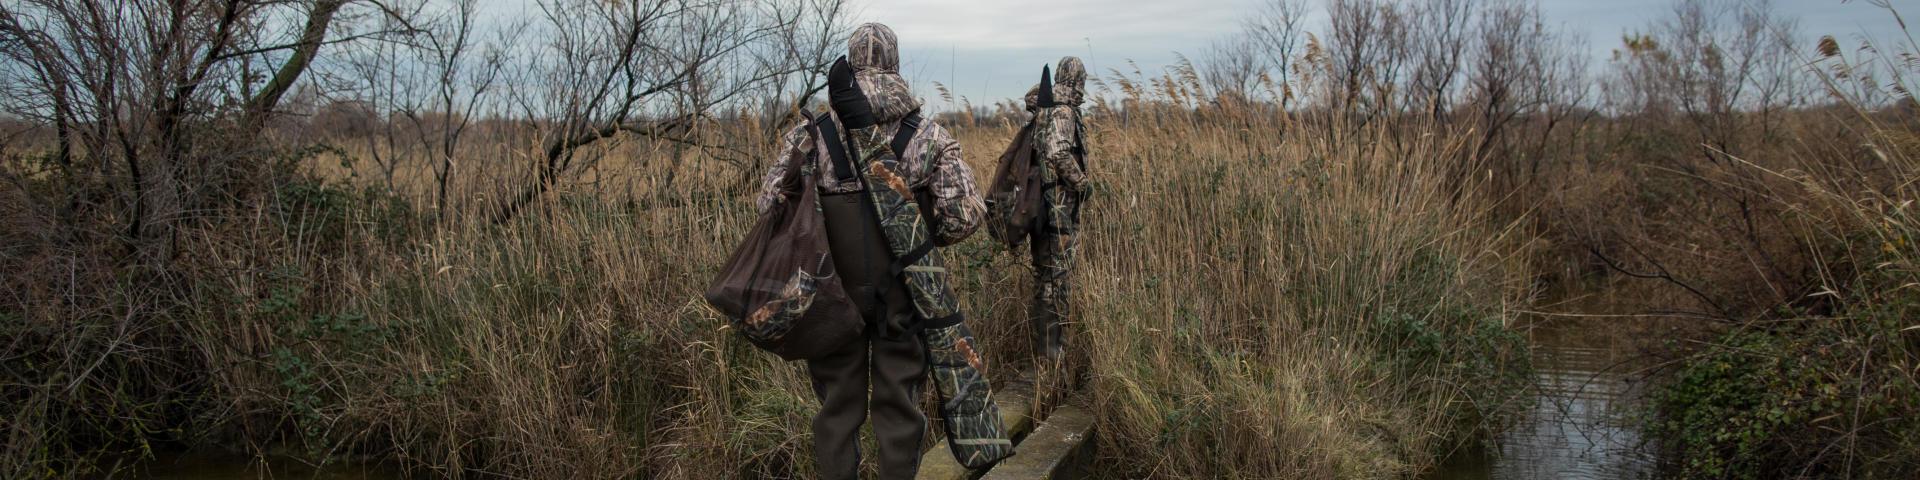 Deux chasseurs partent pour une chasse au gibier d'eau